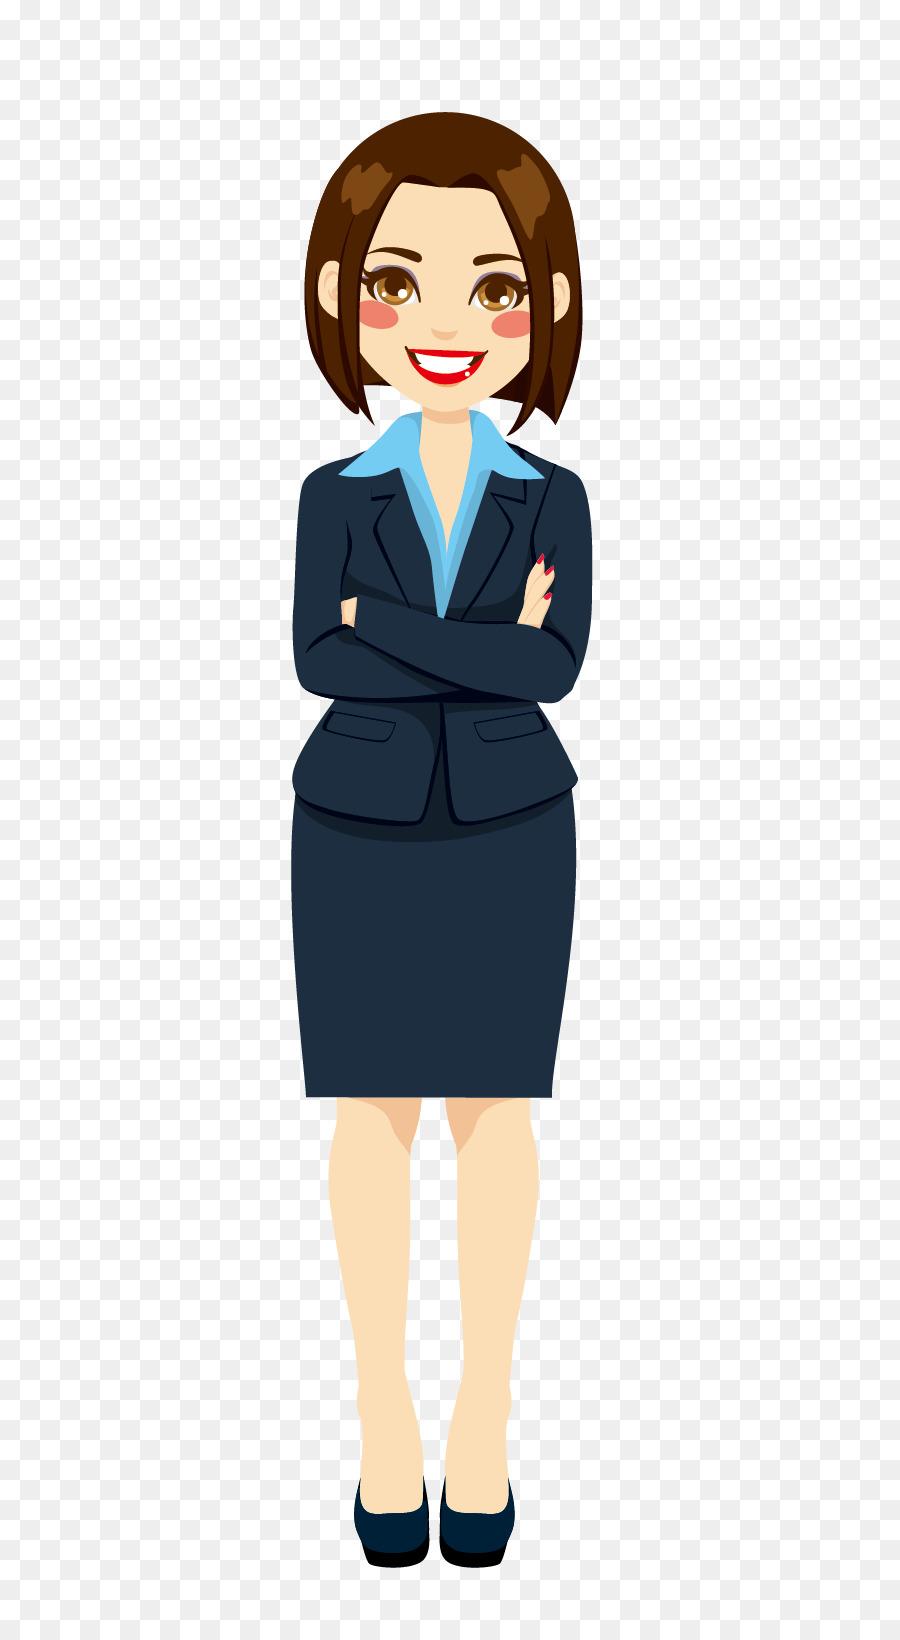 Clipart woman. Clip art business girl